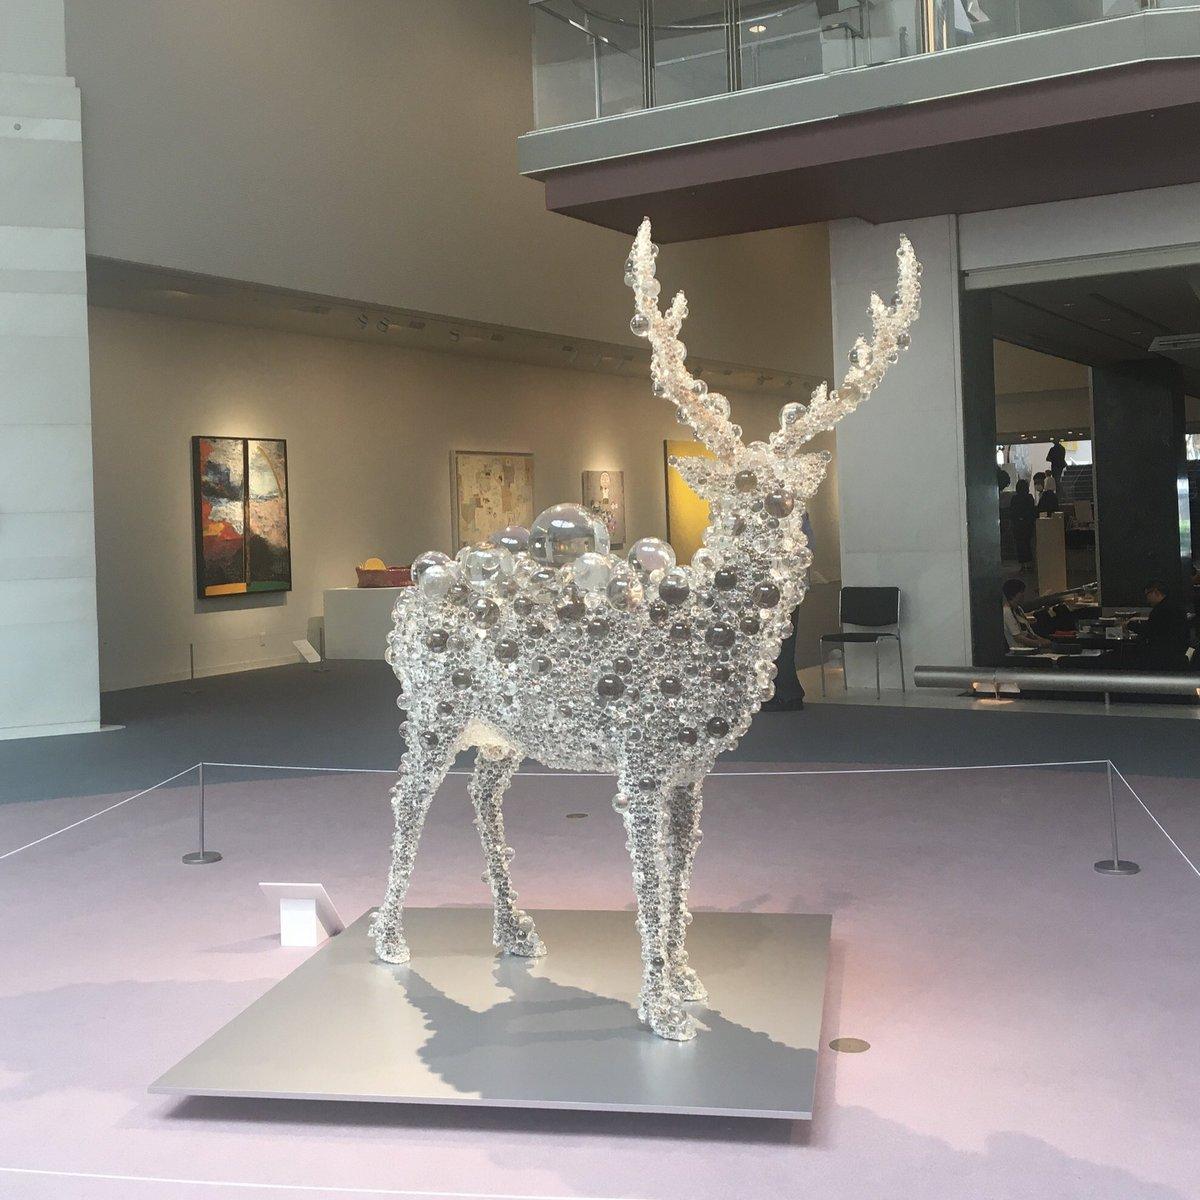 Voicy配信しました🎉今週のみどり美術館はOKETA COLLECTION💗について!ずっと見たかった名和さんの作品を紹介しています😭美しい〜